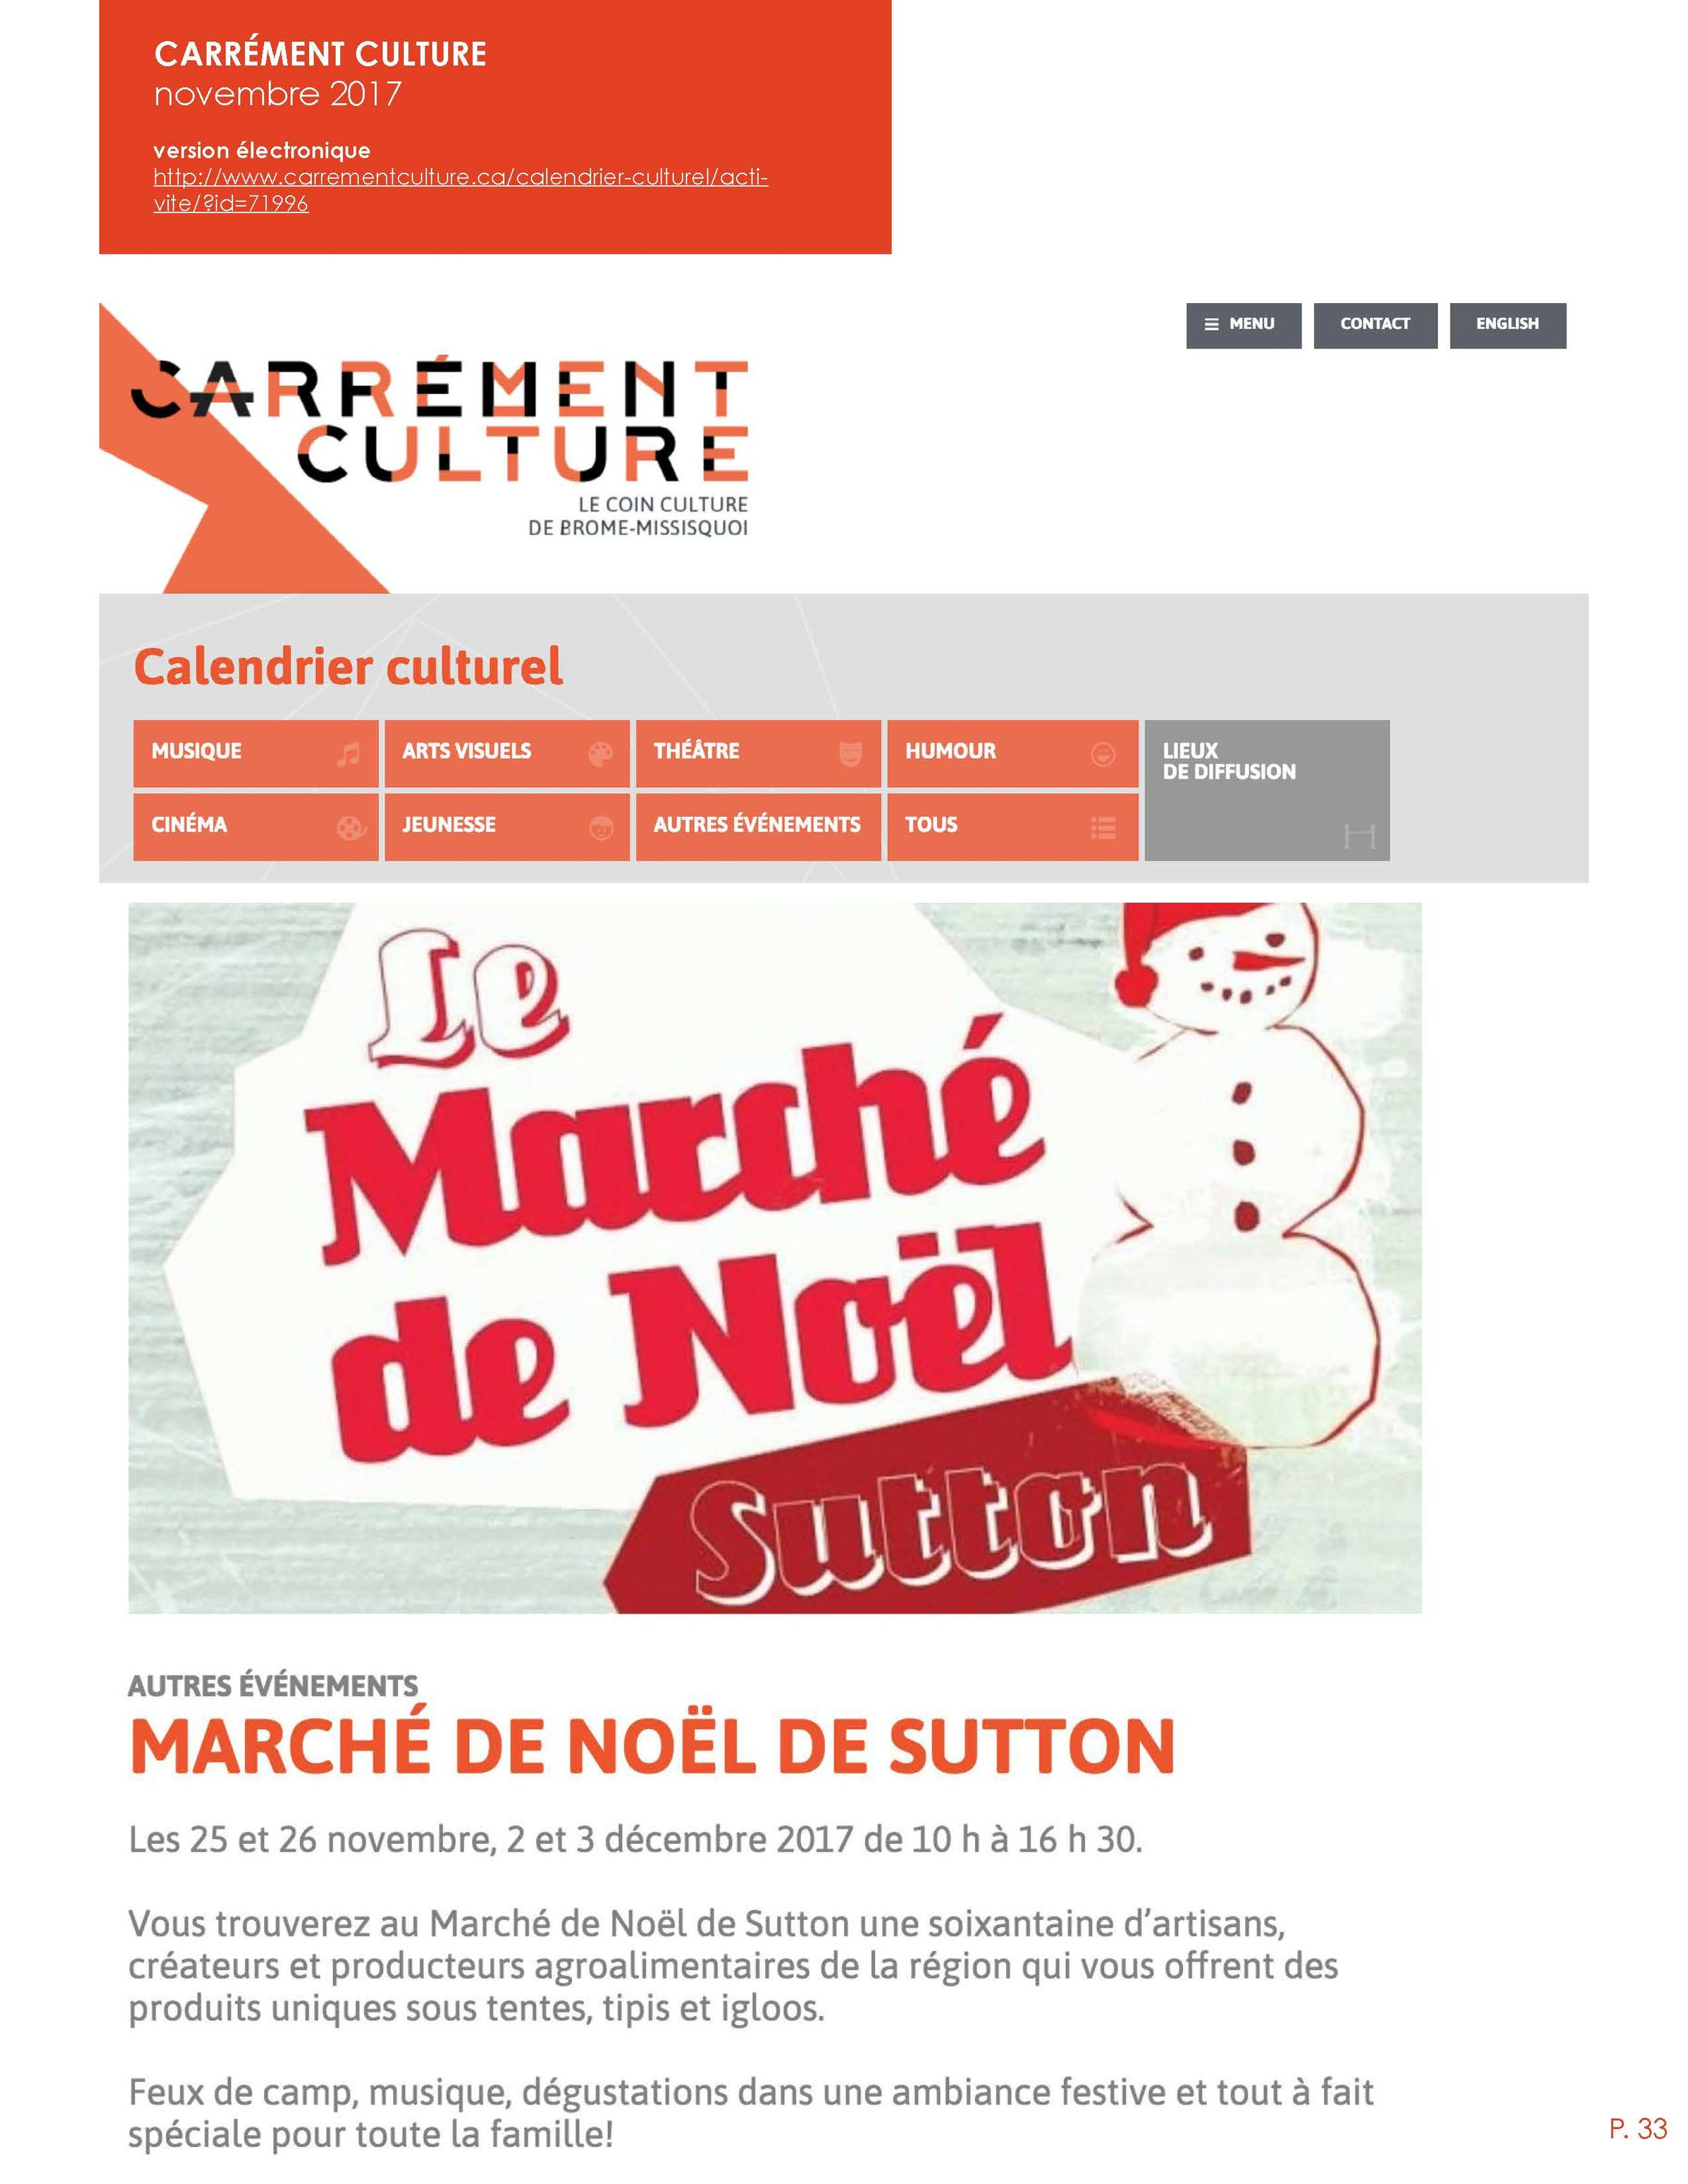 Revue de presse - MARCHÉ DE NOËL SUTTON 2017_Page_33.jpg